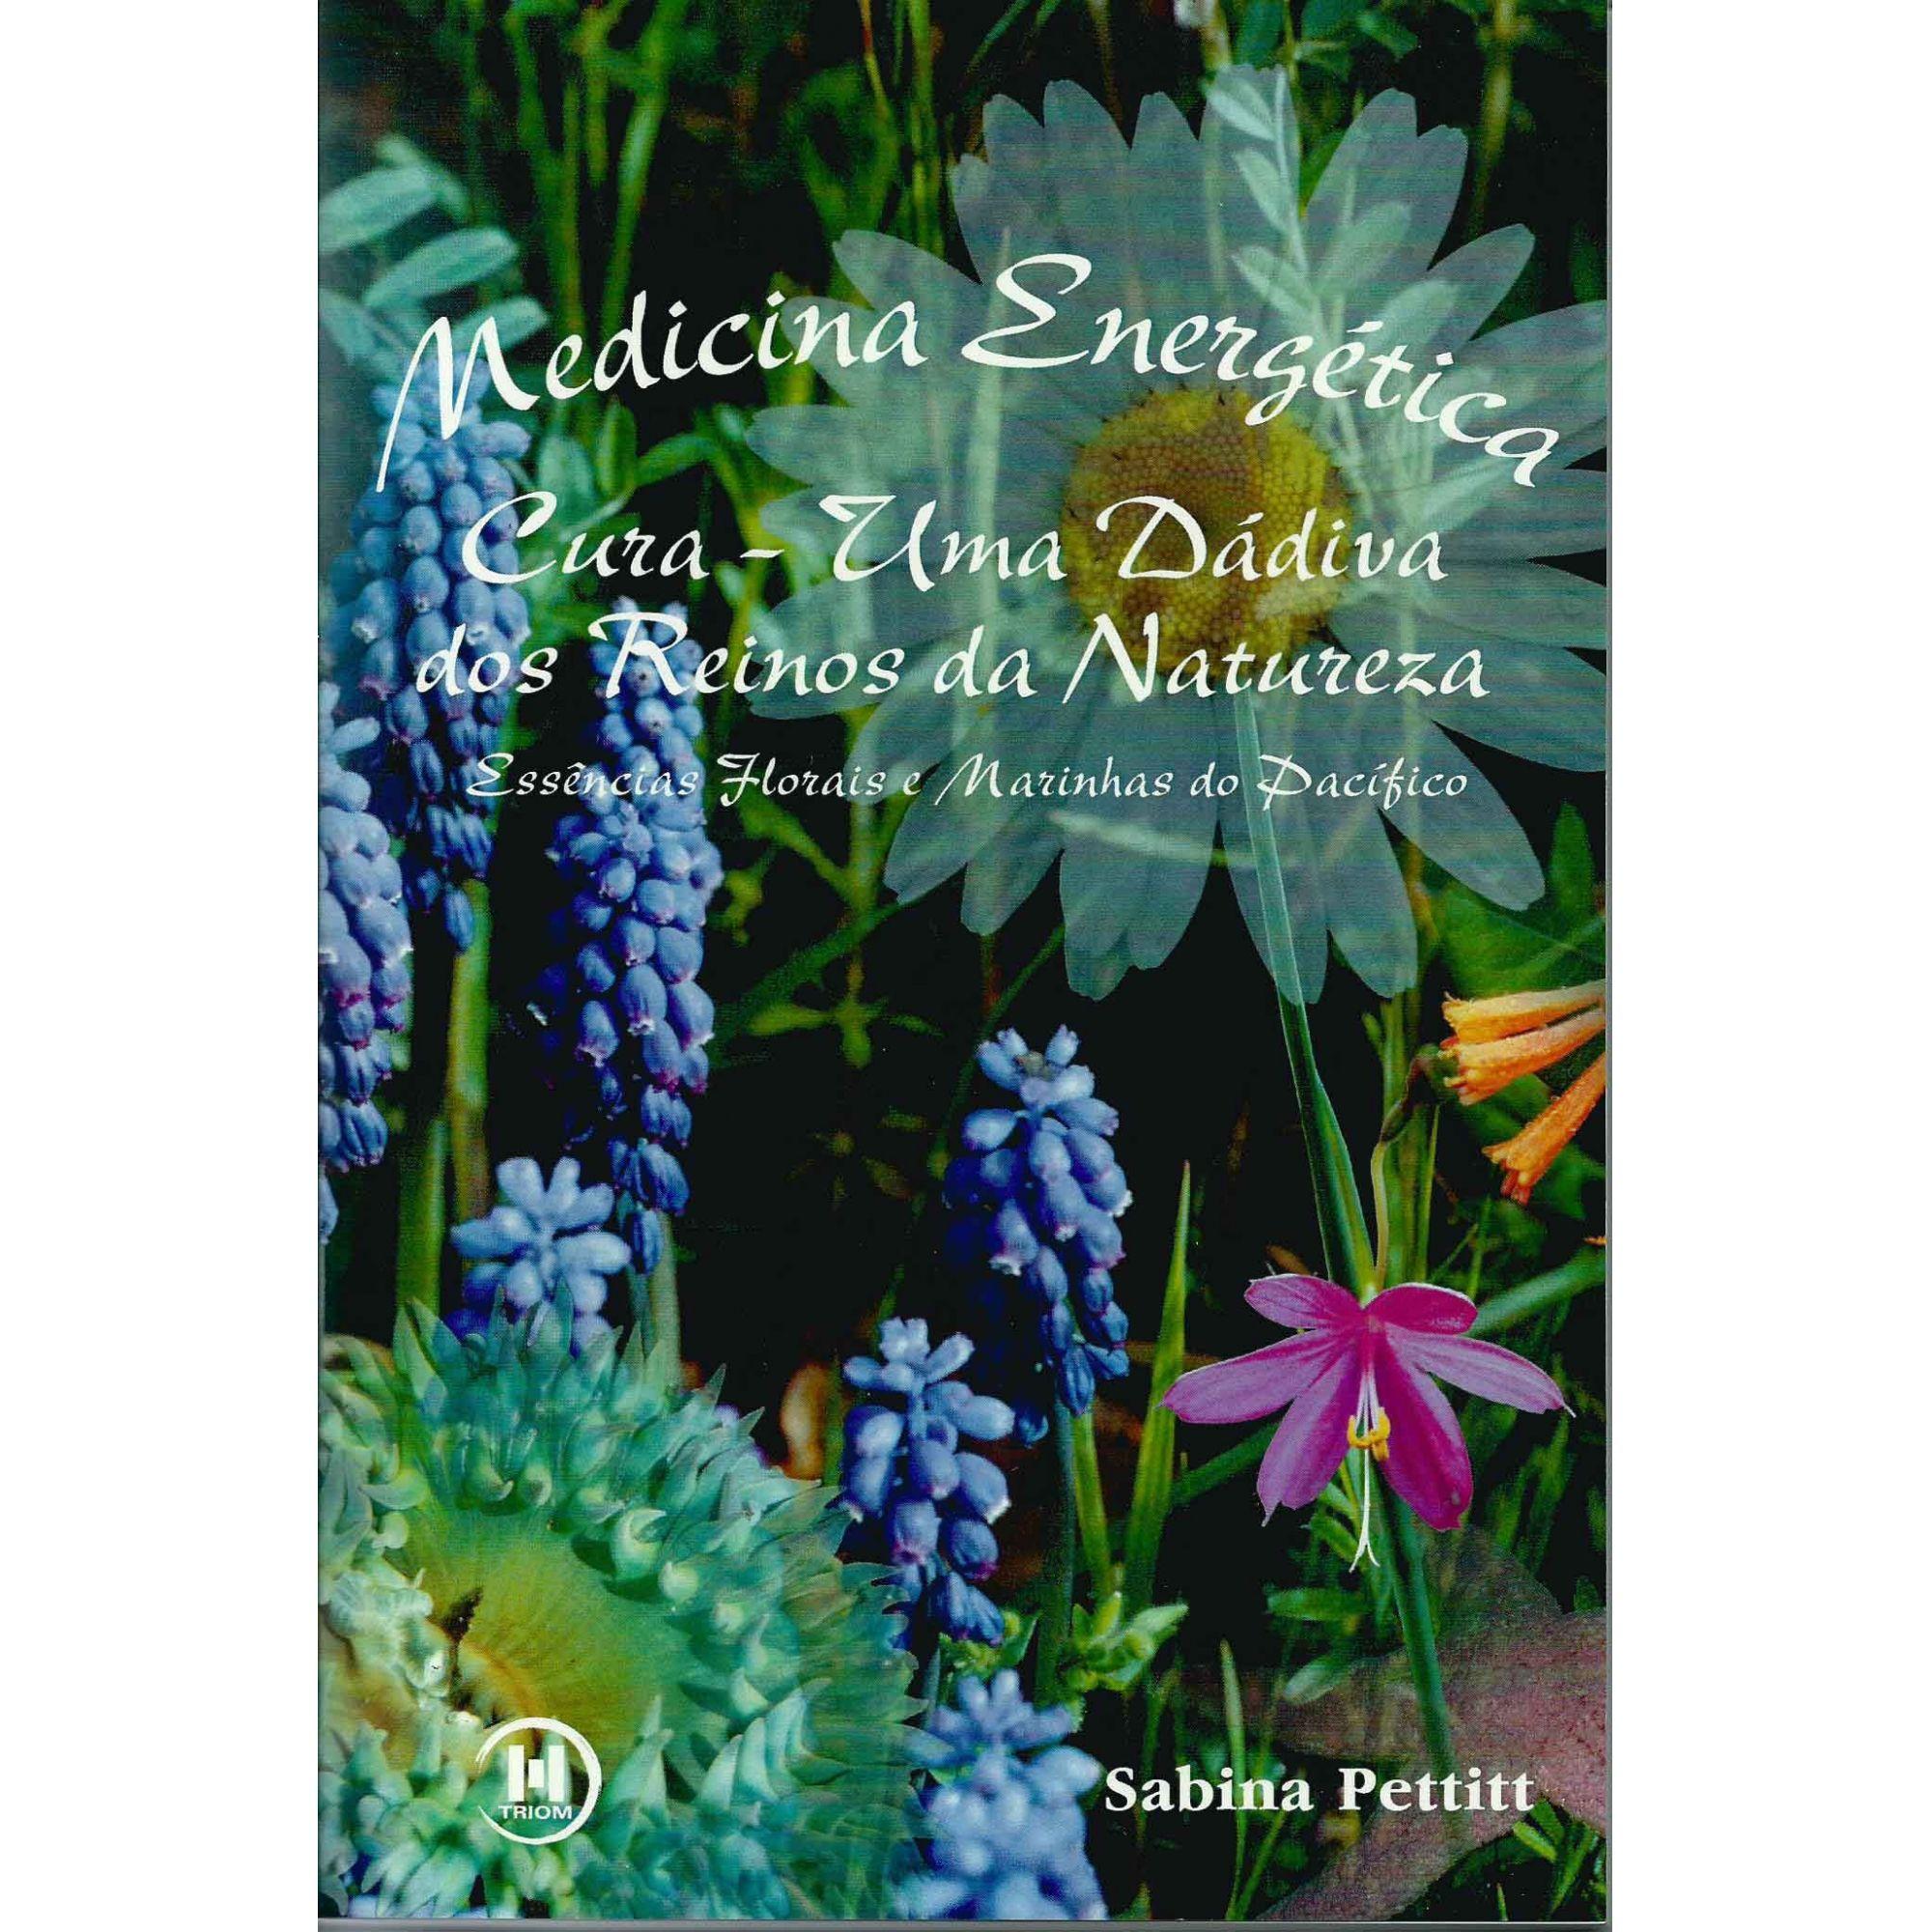 Livro Medicina Energética - Essências Florais e Marinhas do Pacífico  - Floressência